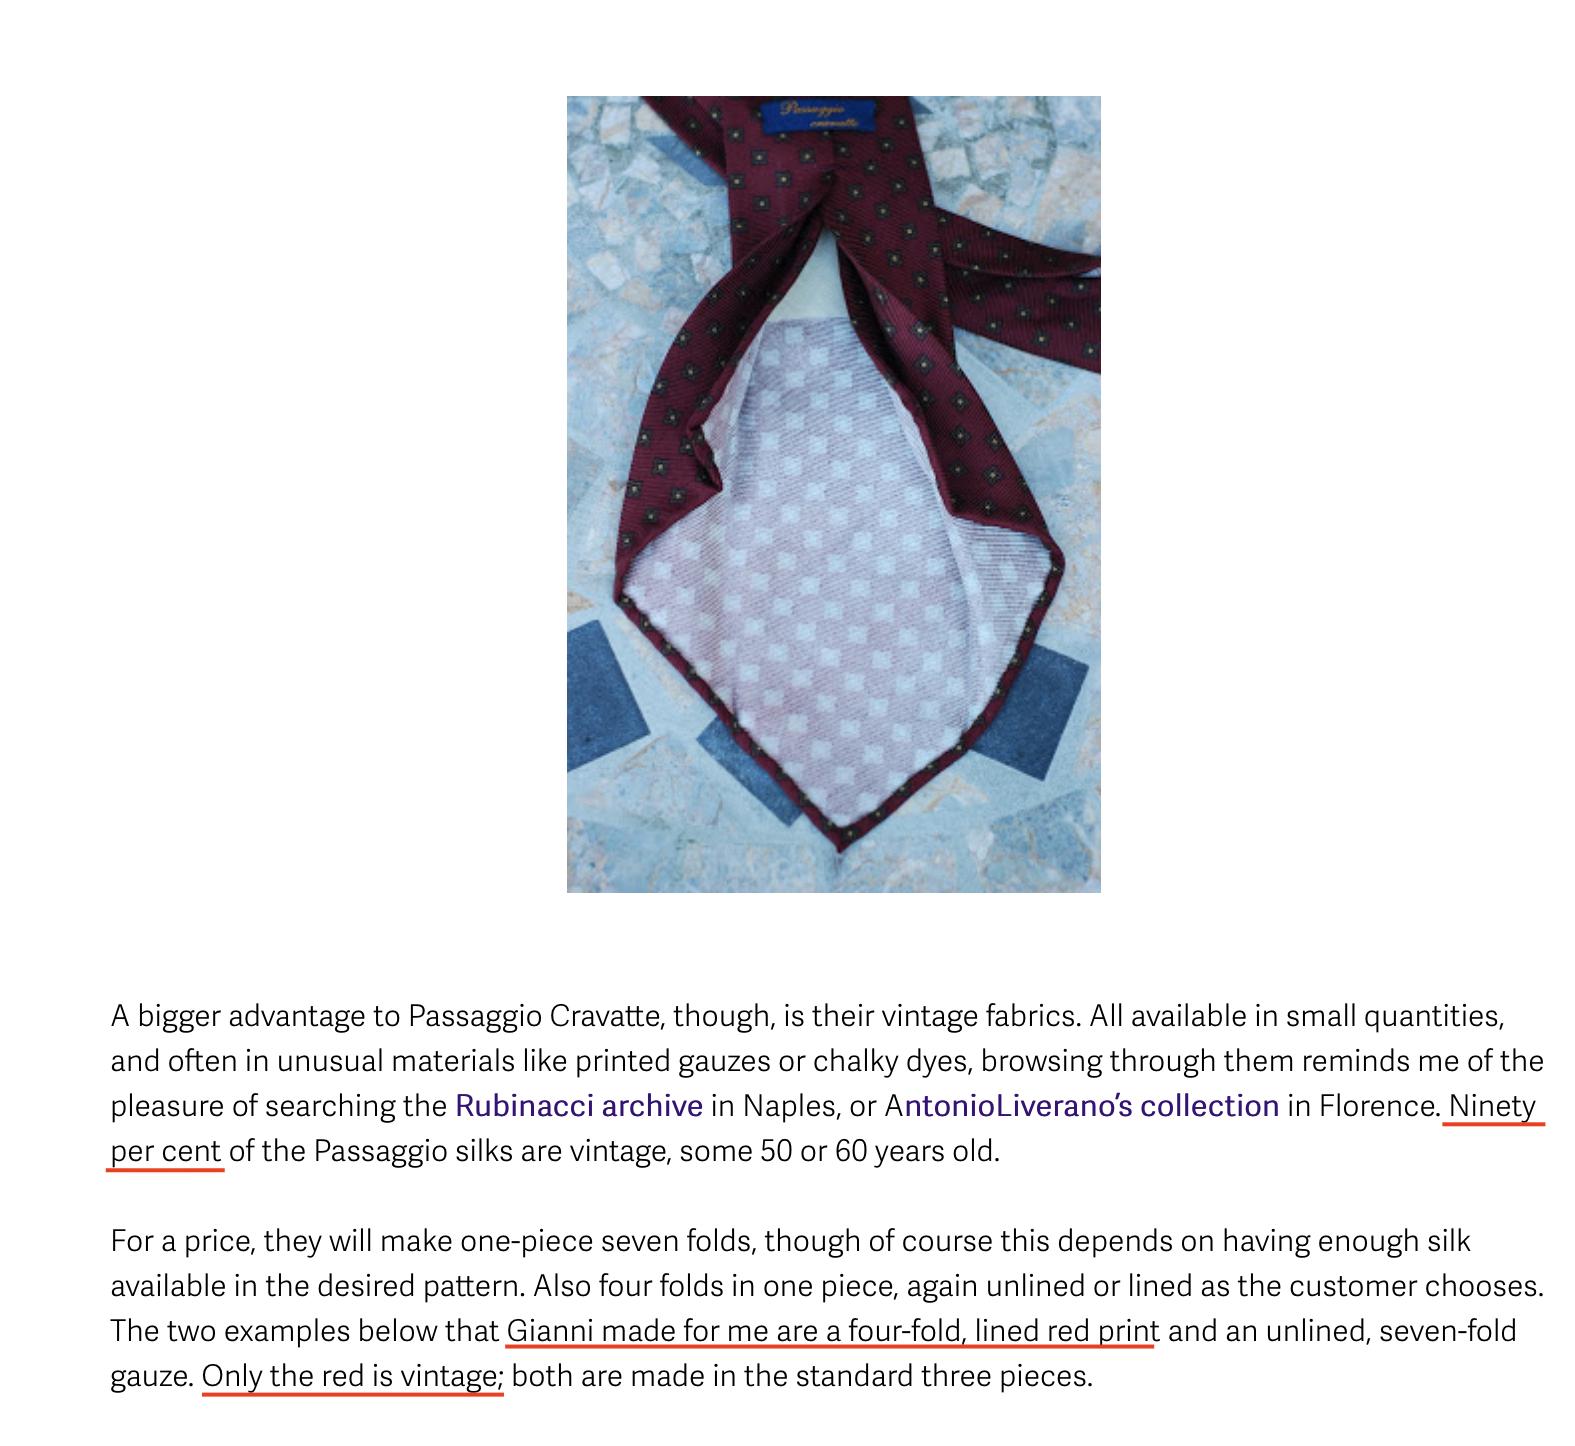 """Simone de Londres qui vante sur son blog """"le style permanent"""" les mérites des cravates Passaggio. Il est particulièrement content de sa cravate rouge, celle en soie """"vintage"""". Oui, oui celle avec l'envers blanc. Celle avec la soie imprimée à l'imprimante jet d'encre. Celle qui ne doit pas avoir plus de 10 ans d'âge. C'est pas vraiment vintage, ça, 10 ans. La preuve, c'est le millésime favori d'un Cohn-Bendit ou d'un Duhamel. Quelle surprise, le spécialiste du style permanent ne sait pas de quoi il parle. Notez également la mention des """"90%"""" cela va avoir son importance plus tard. (Source: Permanentstyle)"""